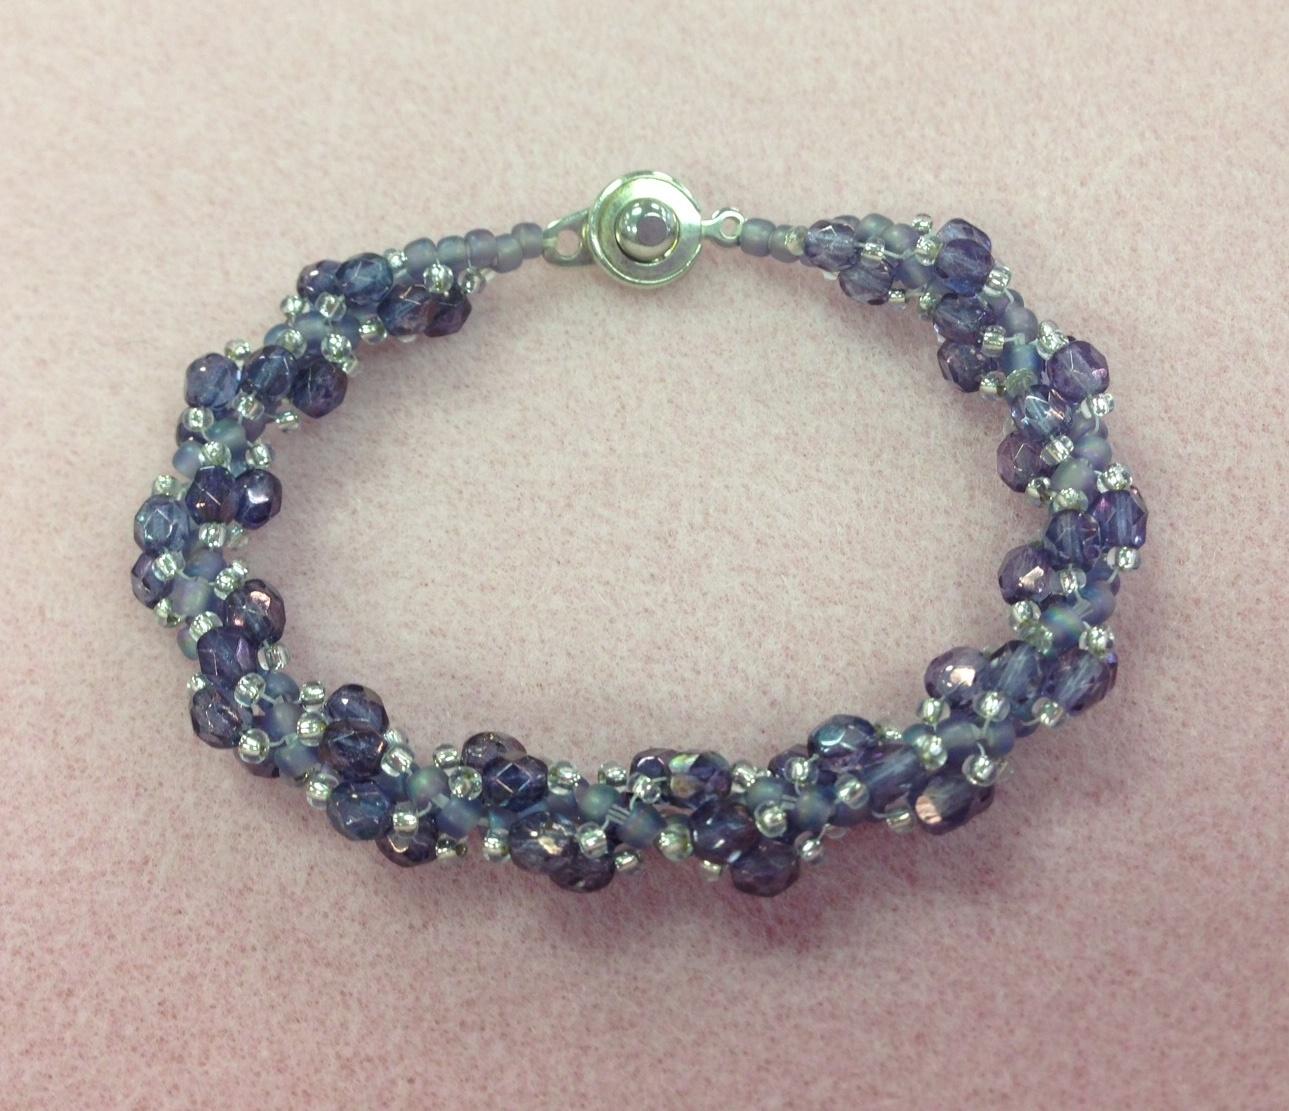 3/25 6-9pm Spiraling Fire Polished Bracelet